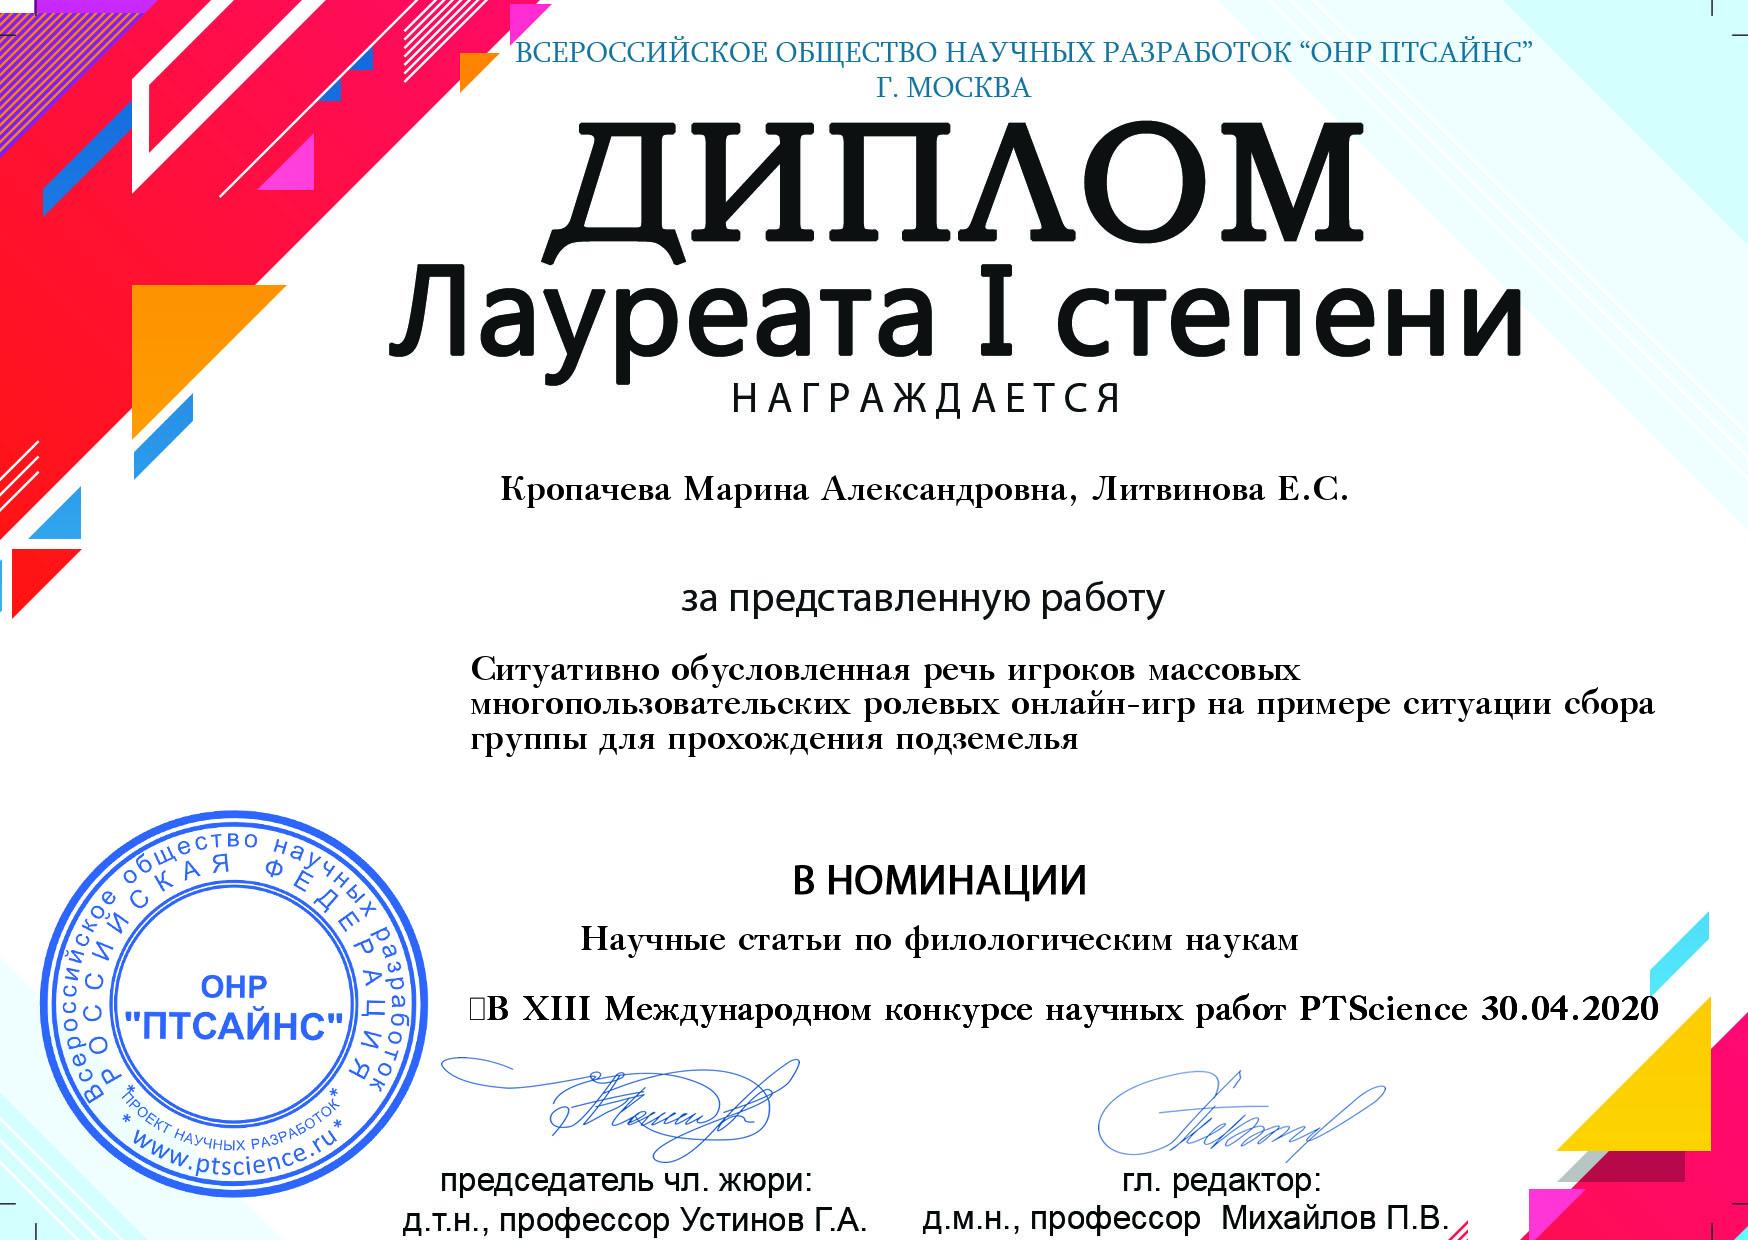 Кропачева Марина Александровна, Литвинова Е.С._1588236690